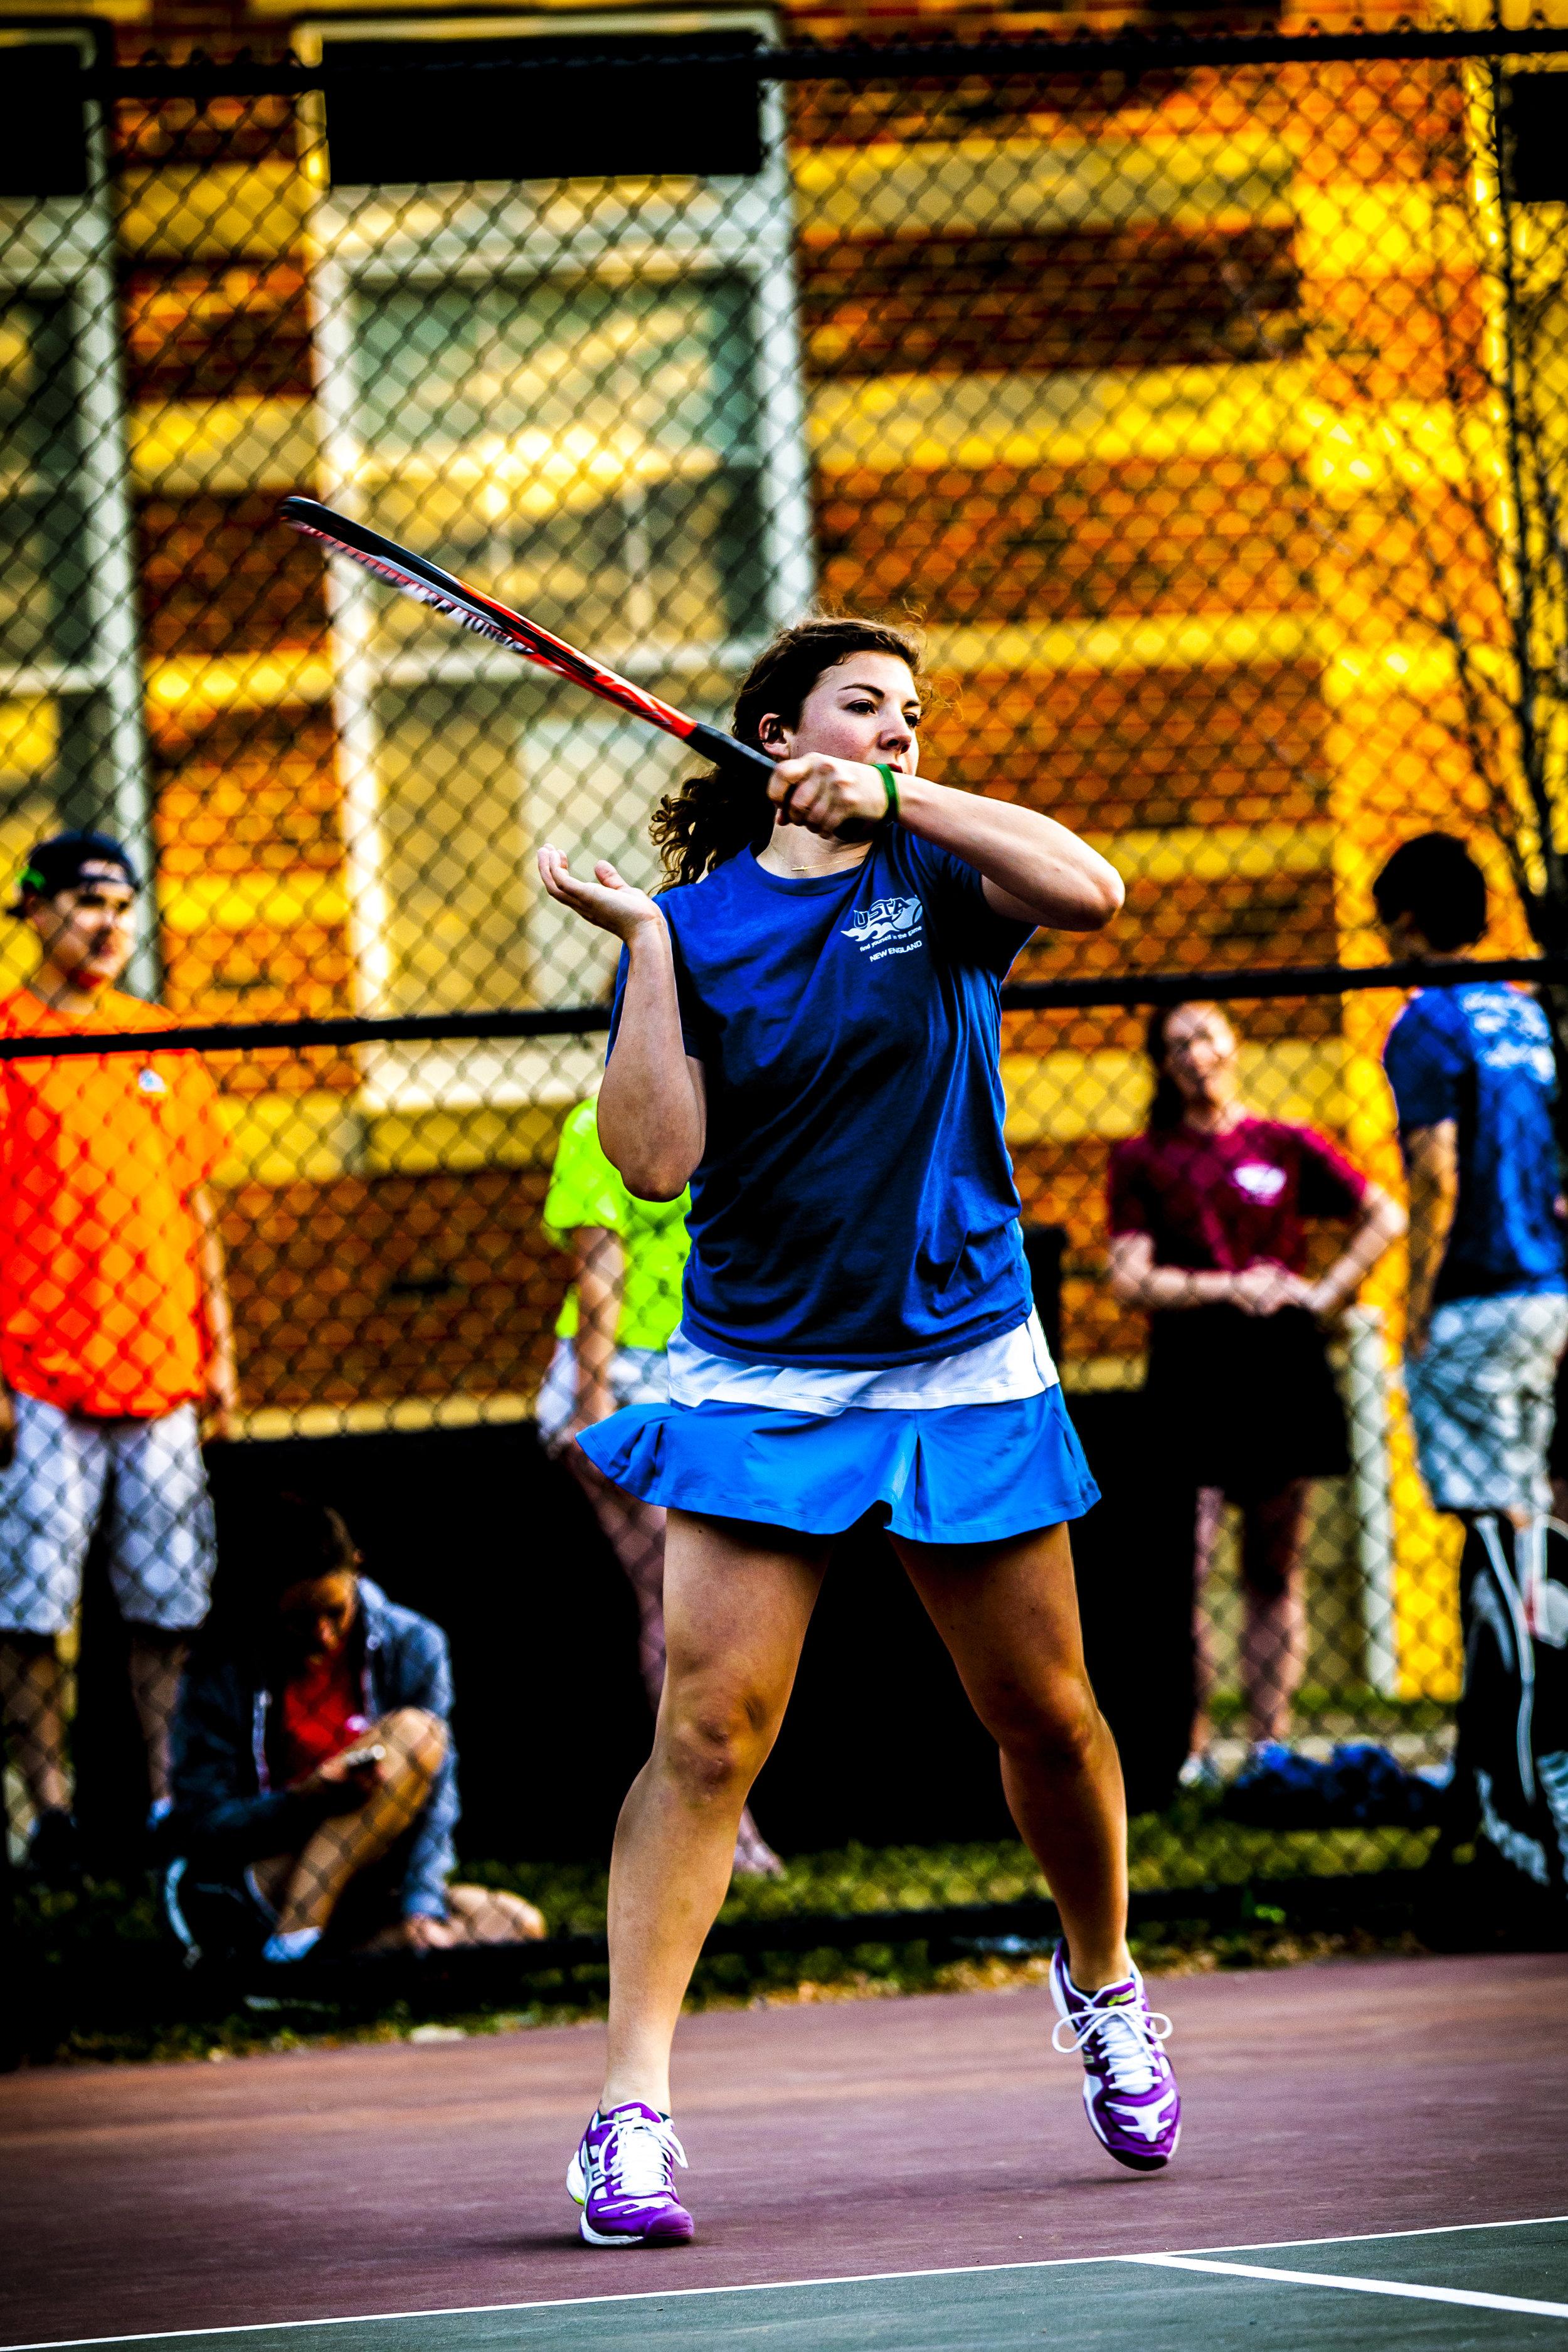 Tennis-6.jpg